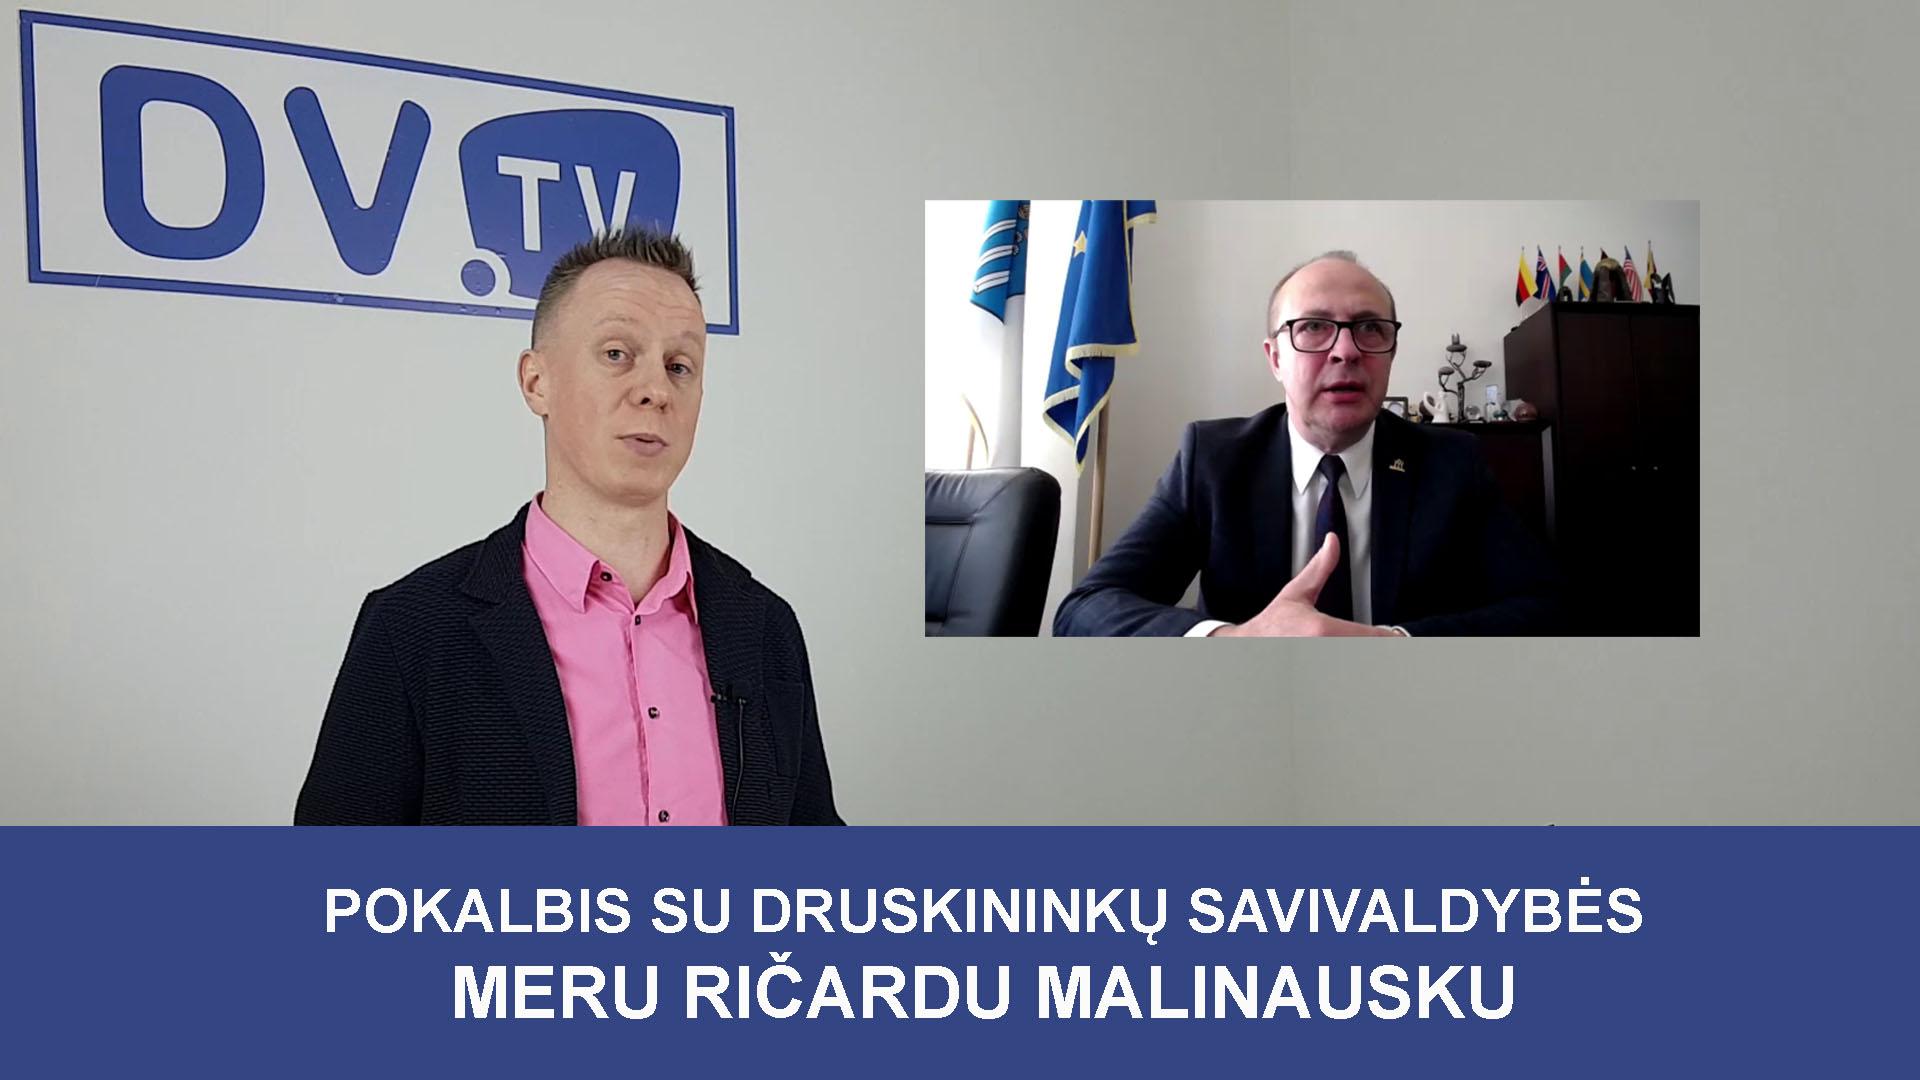 """Andrius Jučas: """"Atėjo Alytaus regioninių investicijų metas"""" 5"""